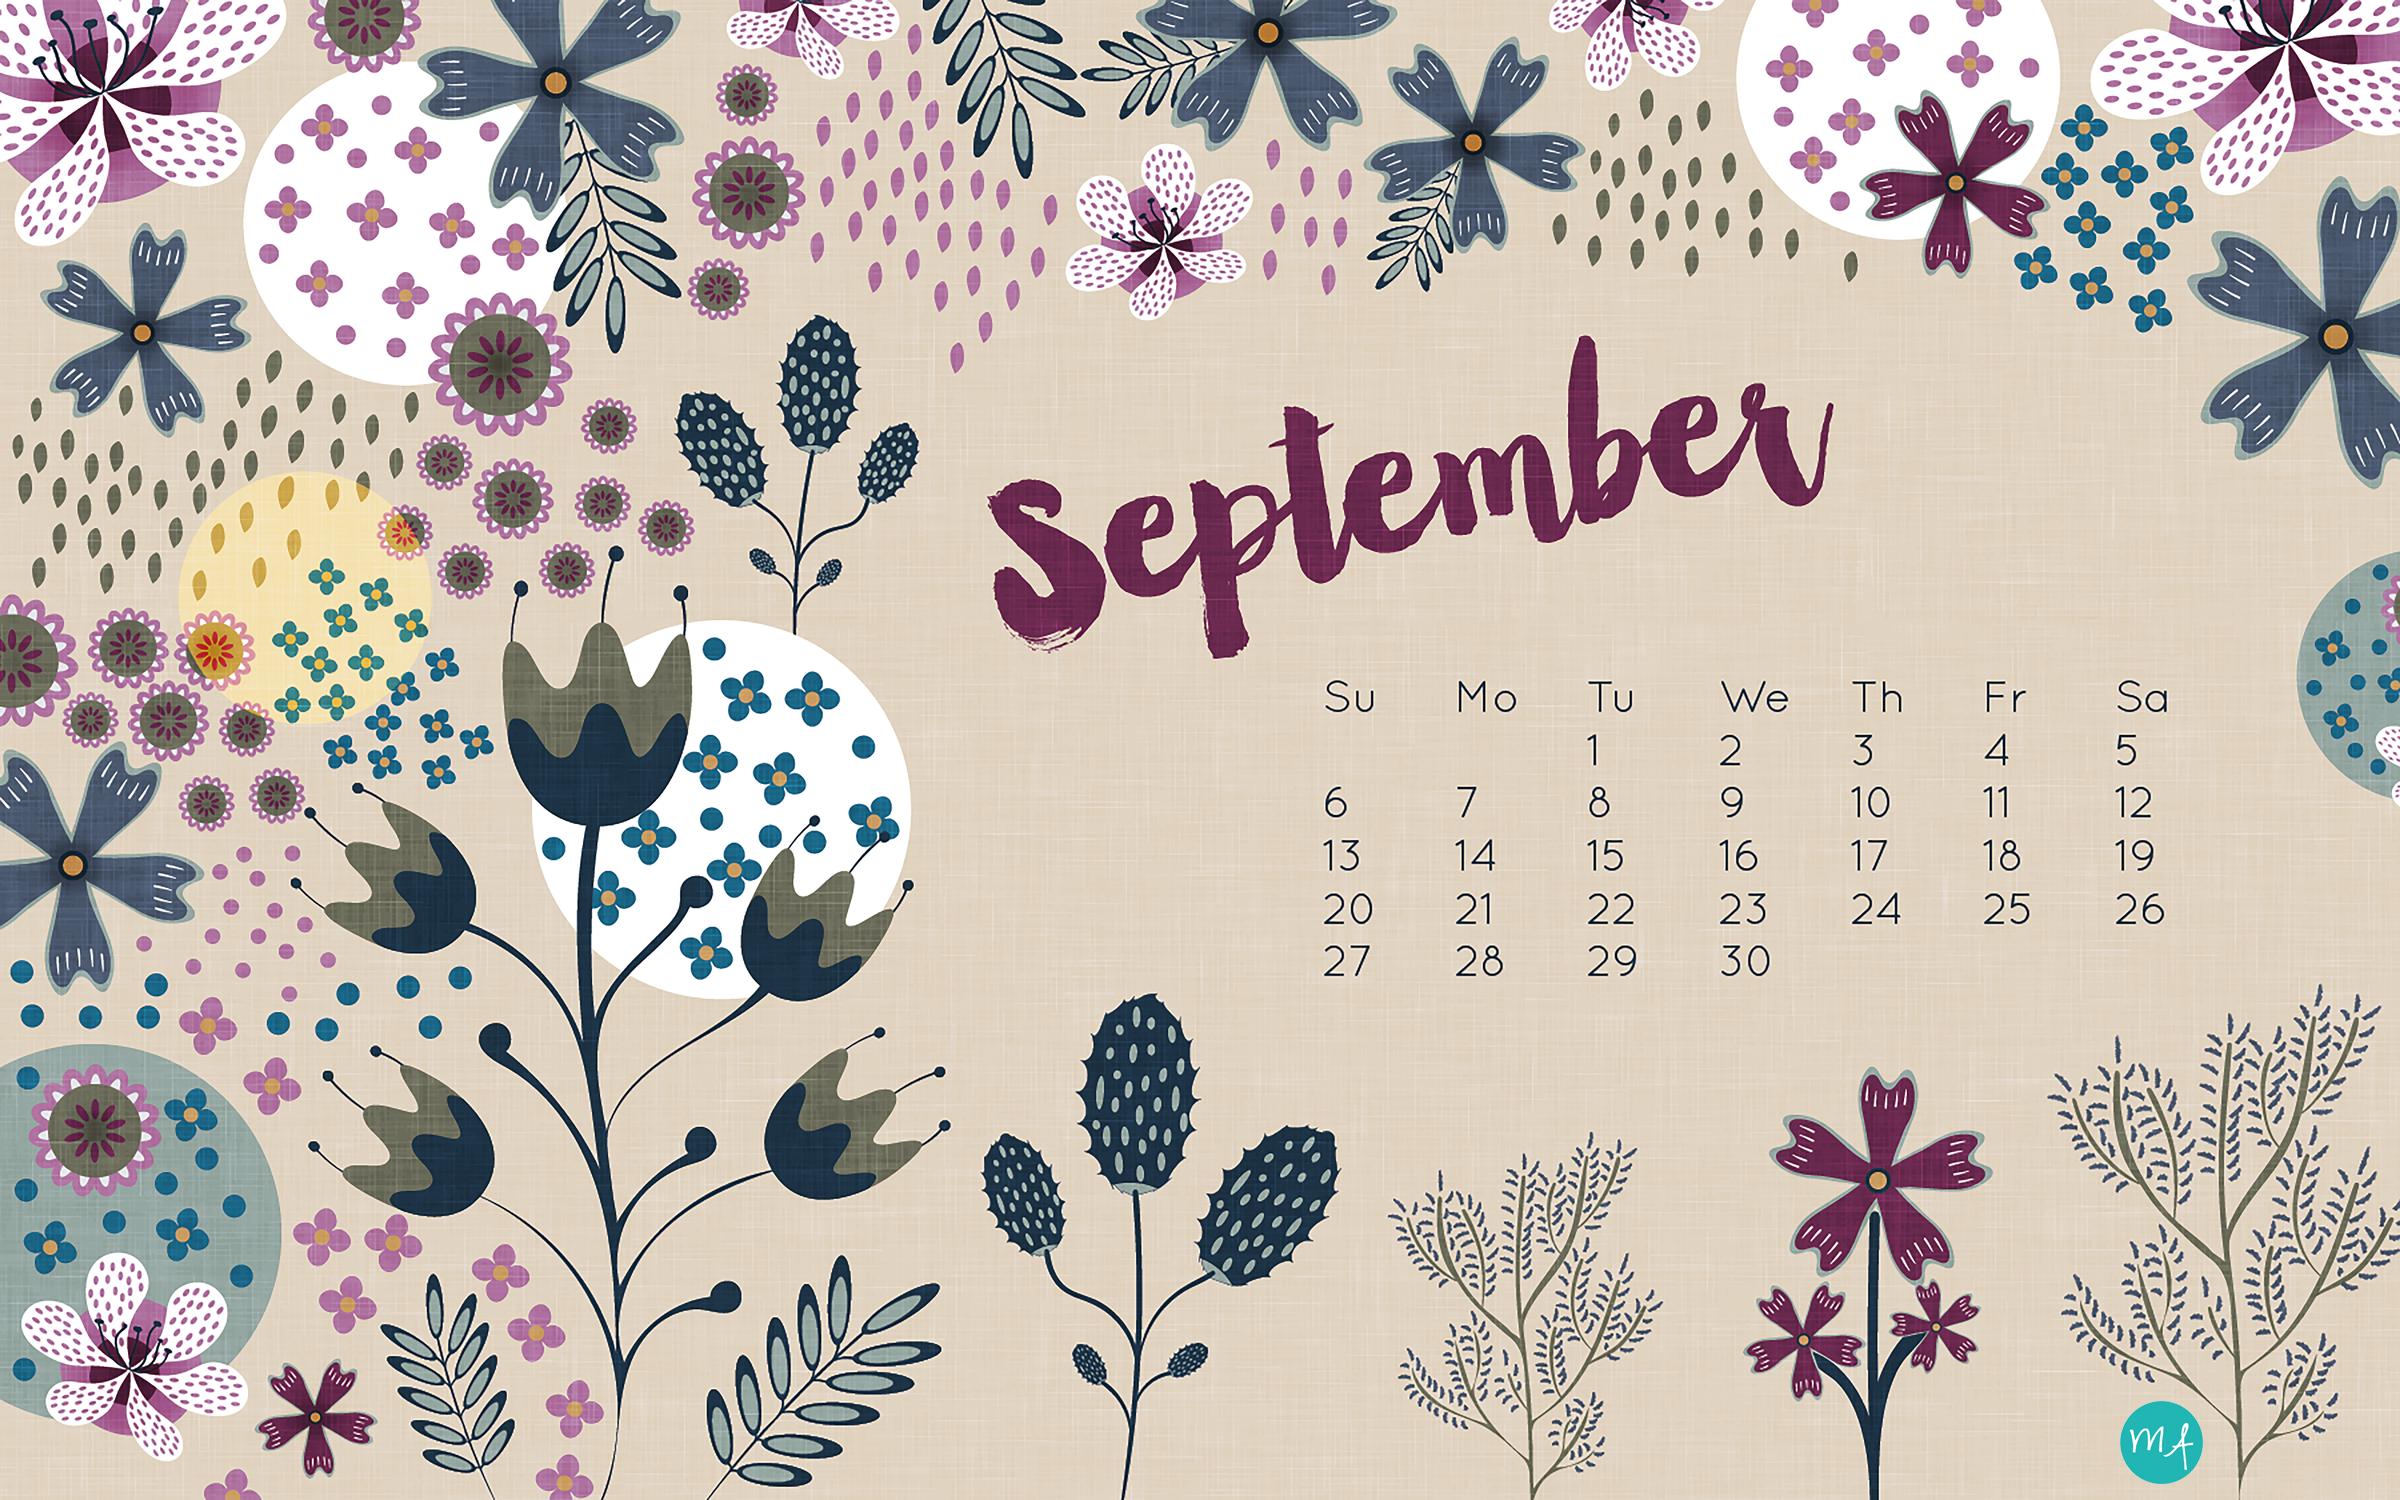 september 2014 desktop wallpaper desktop backgrounds pinterest september 2014 calendar september calendar and calendars 2016